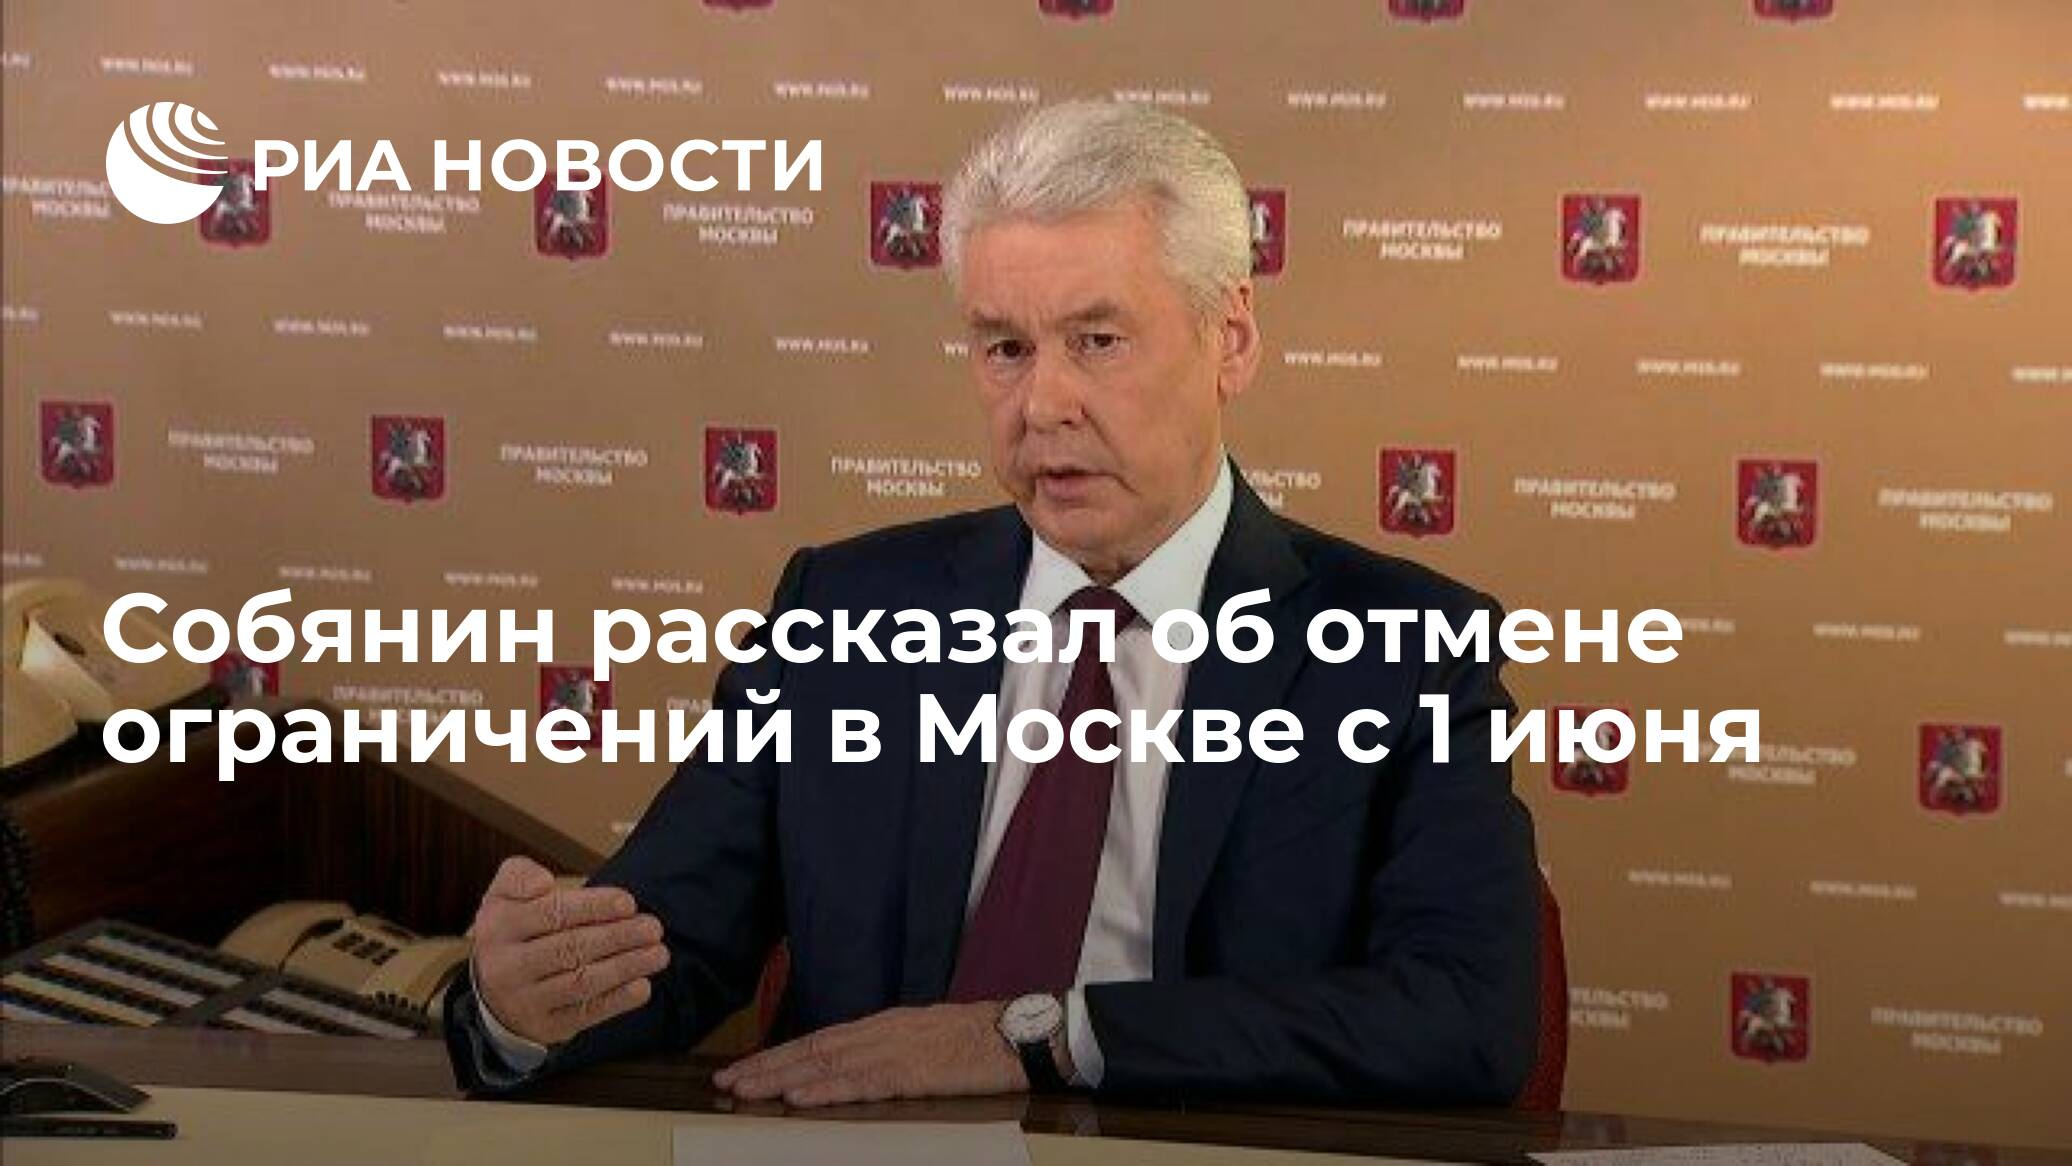 sobyanin snimaet ogranicheniya v moskve s 1 ijunya ljudi mogut vyjti na rabotu